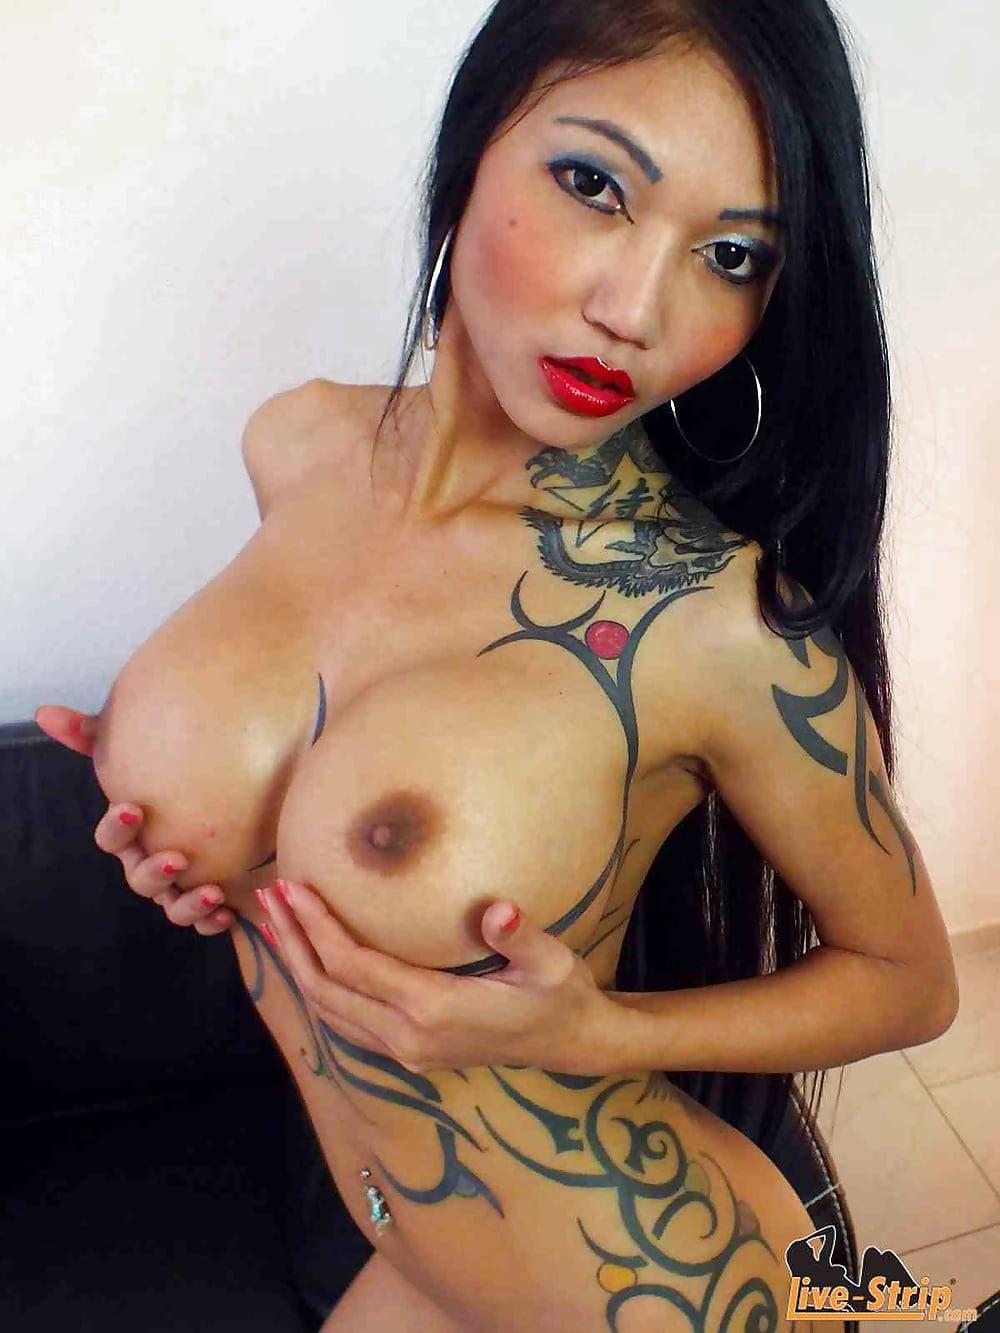 Asian Pornstar Big Tits